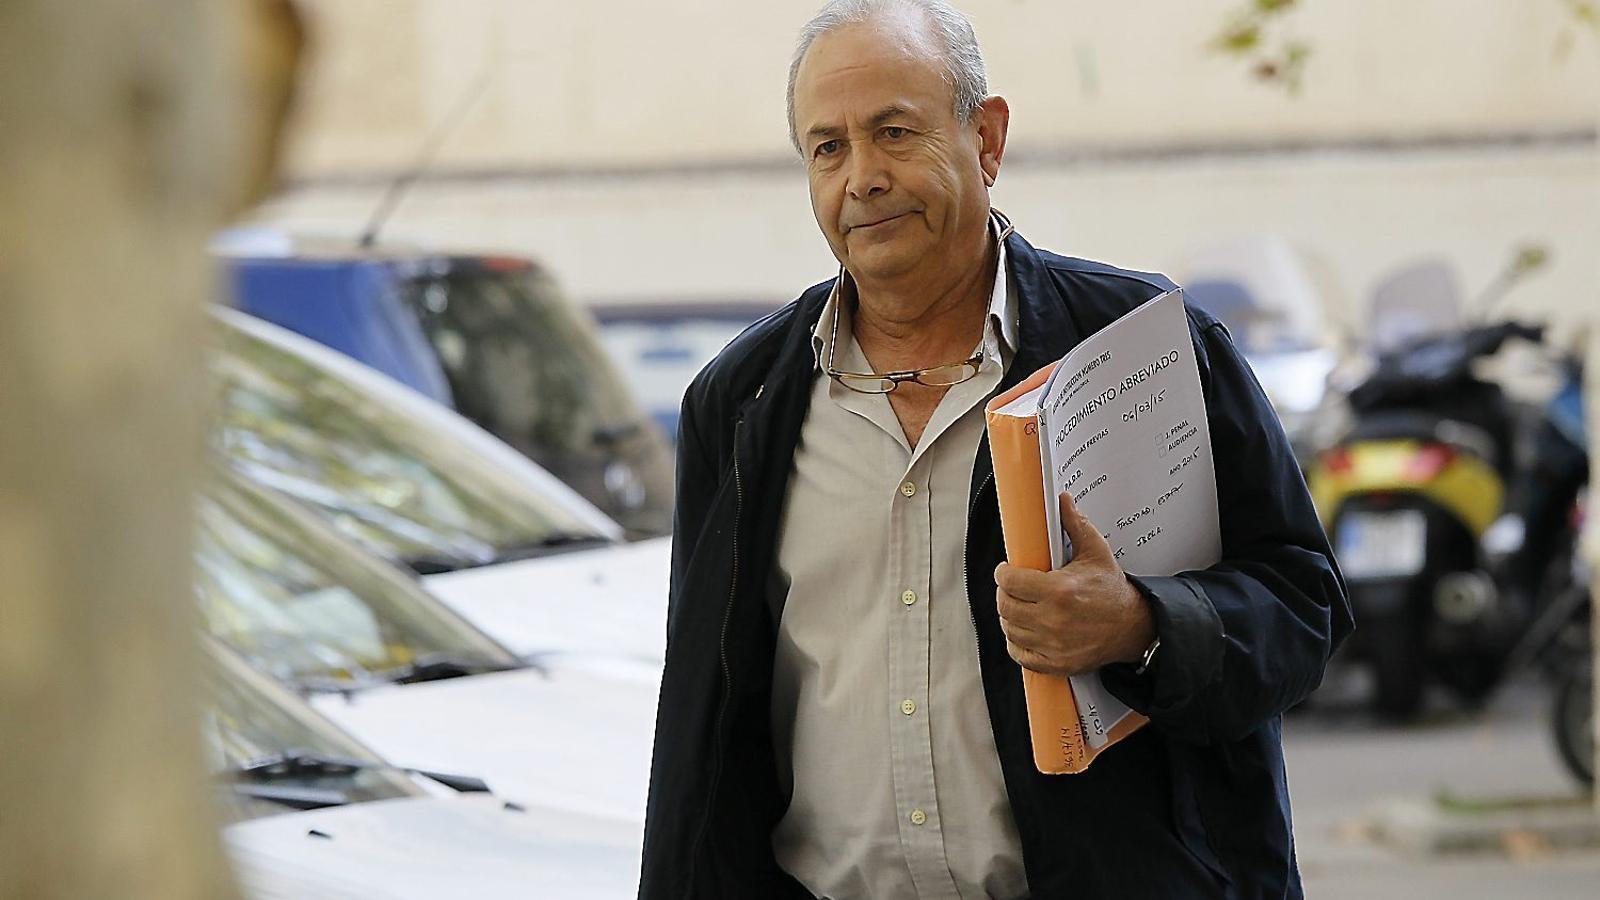 El titular del Jutjat d'Instrucció número 3 de Palma, José Castro, arribant als Jutjats de l'Avinguda d'Alemanya.